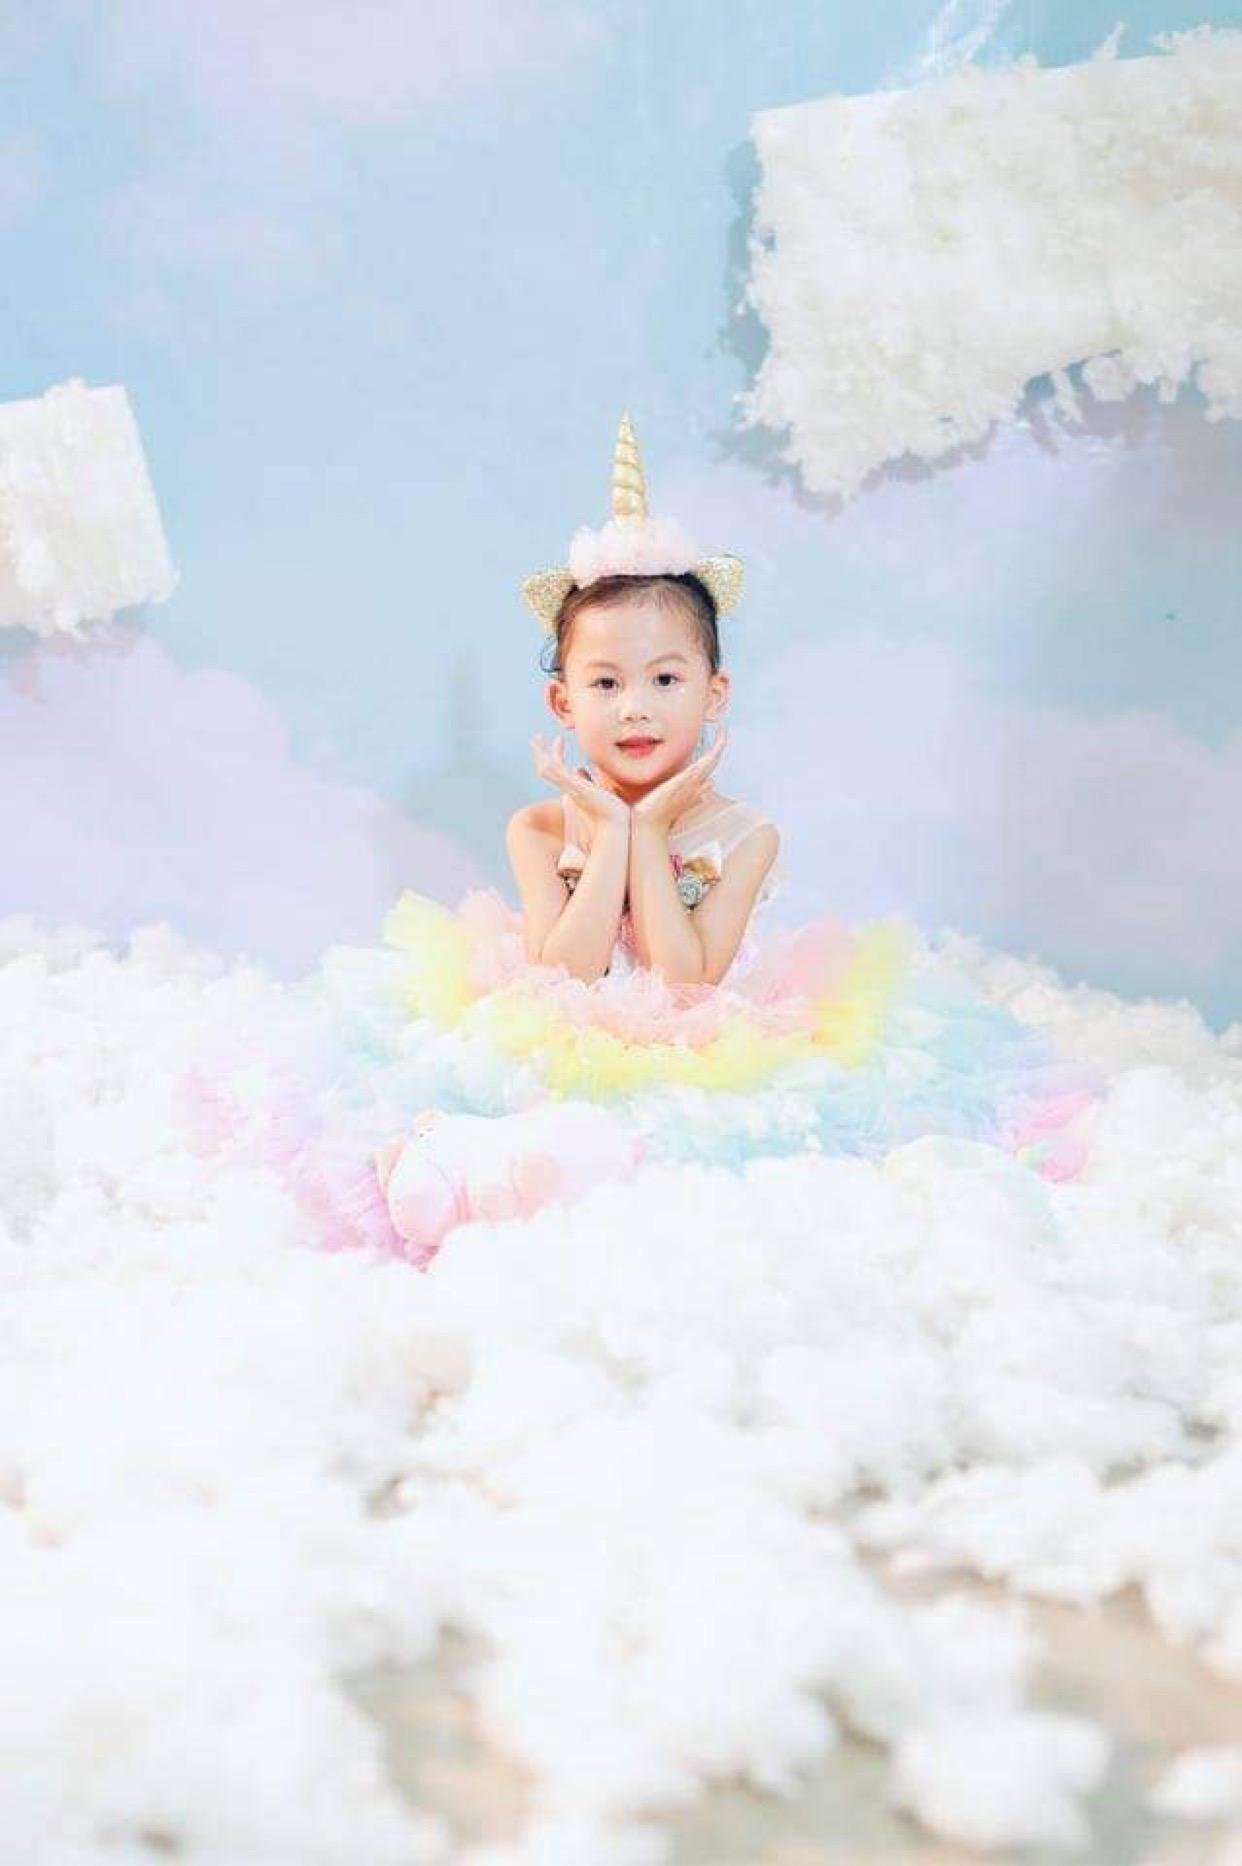 6bc9c79e a9bb 4814 a7c8 2cd10da1aa06 16322313343851547492112 Tan chảy với những nàng công chúa tí hon siêu đáng yêu